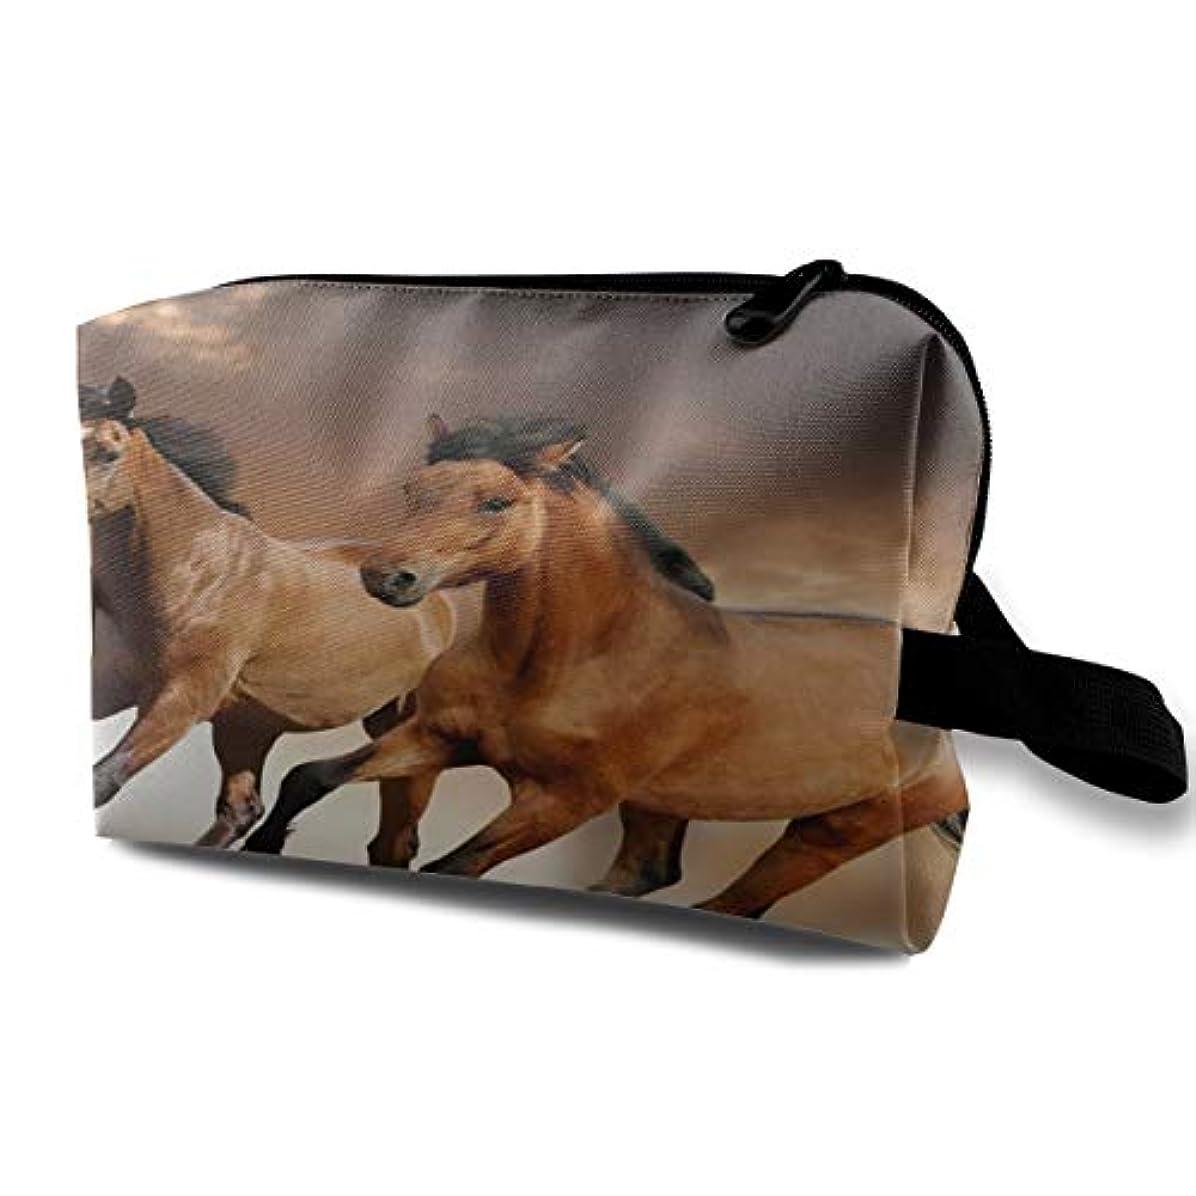 援助ベリーレーザRunning Horse 収納ポーチ 化粧ポーチ 大容量 軽量 耐久性 ハンドル付持ち運び便利。入れ 自宅?出張?旅行?アウトドア撮影などに対応。メンズ レディース トラベルグッズ